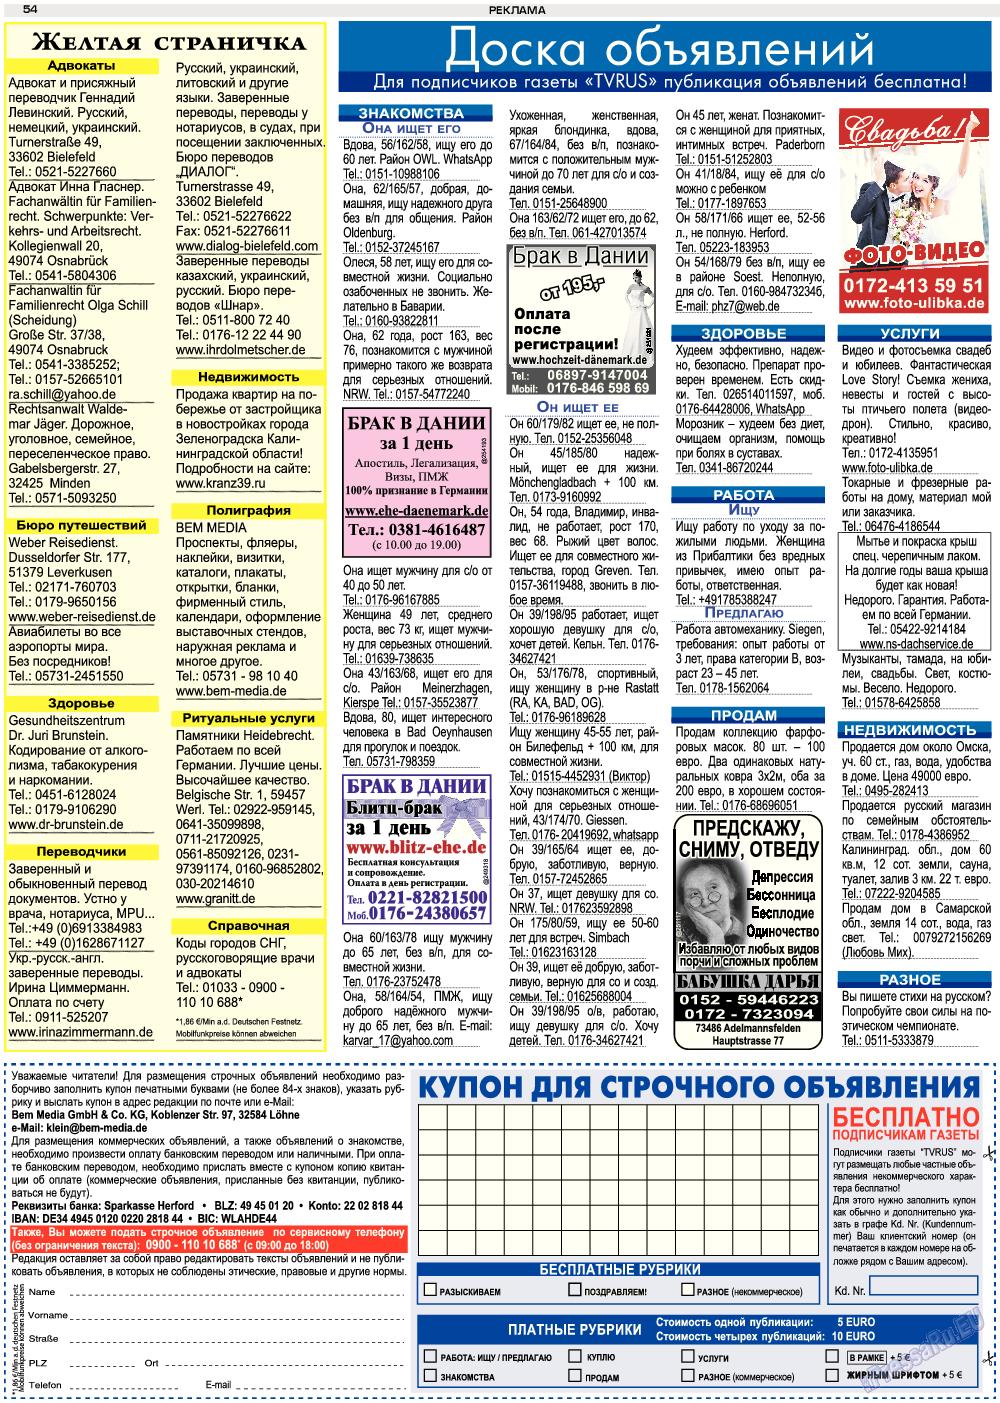 TVrus (газета). 2017 год, номер 37, стр. 54